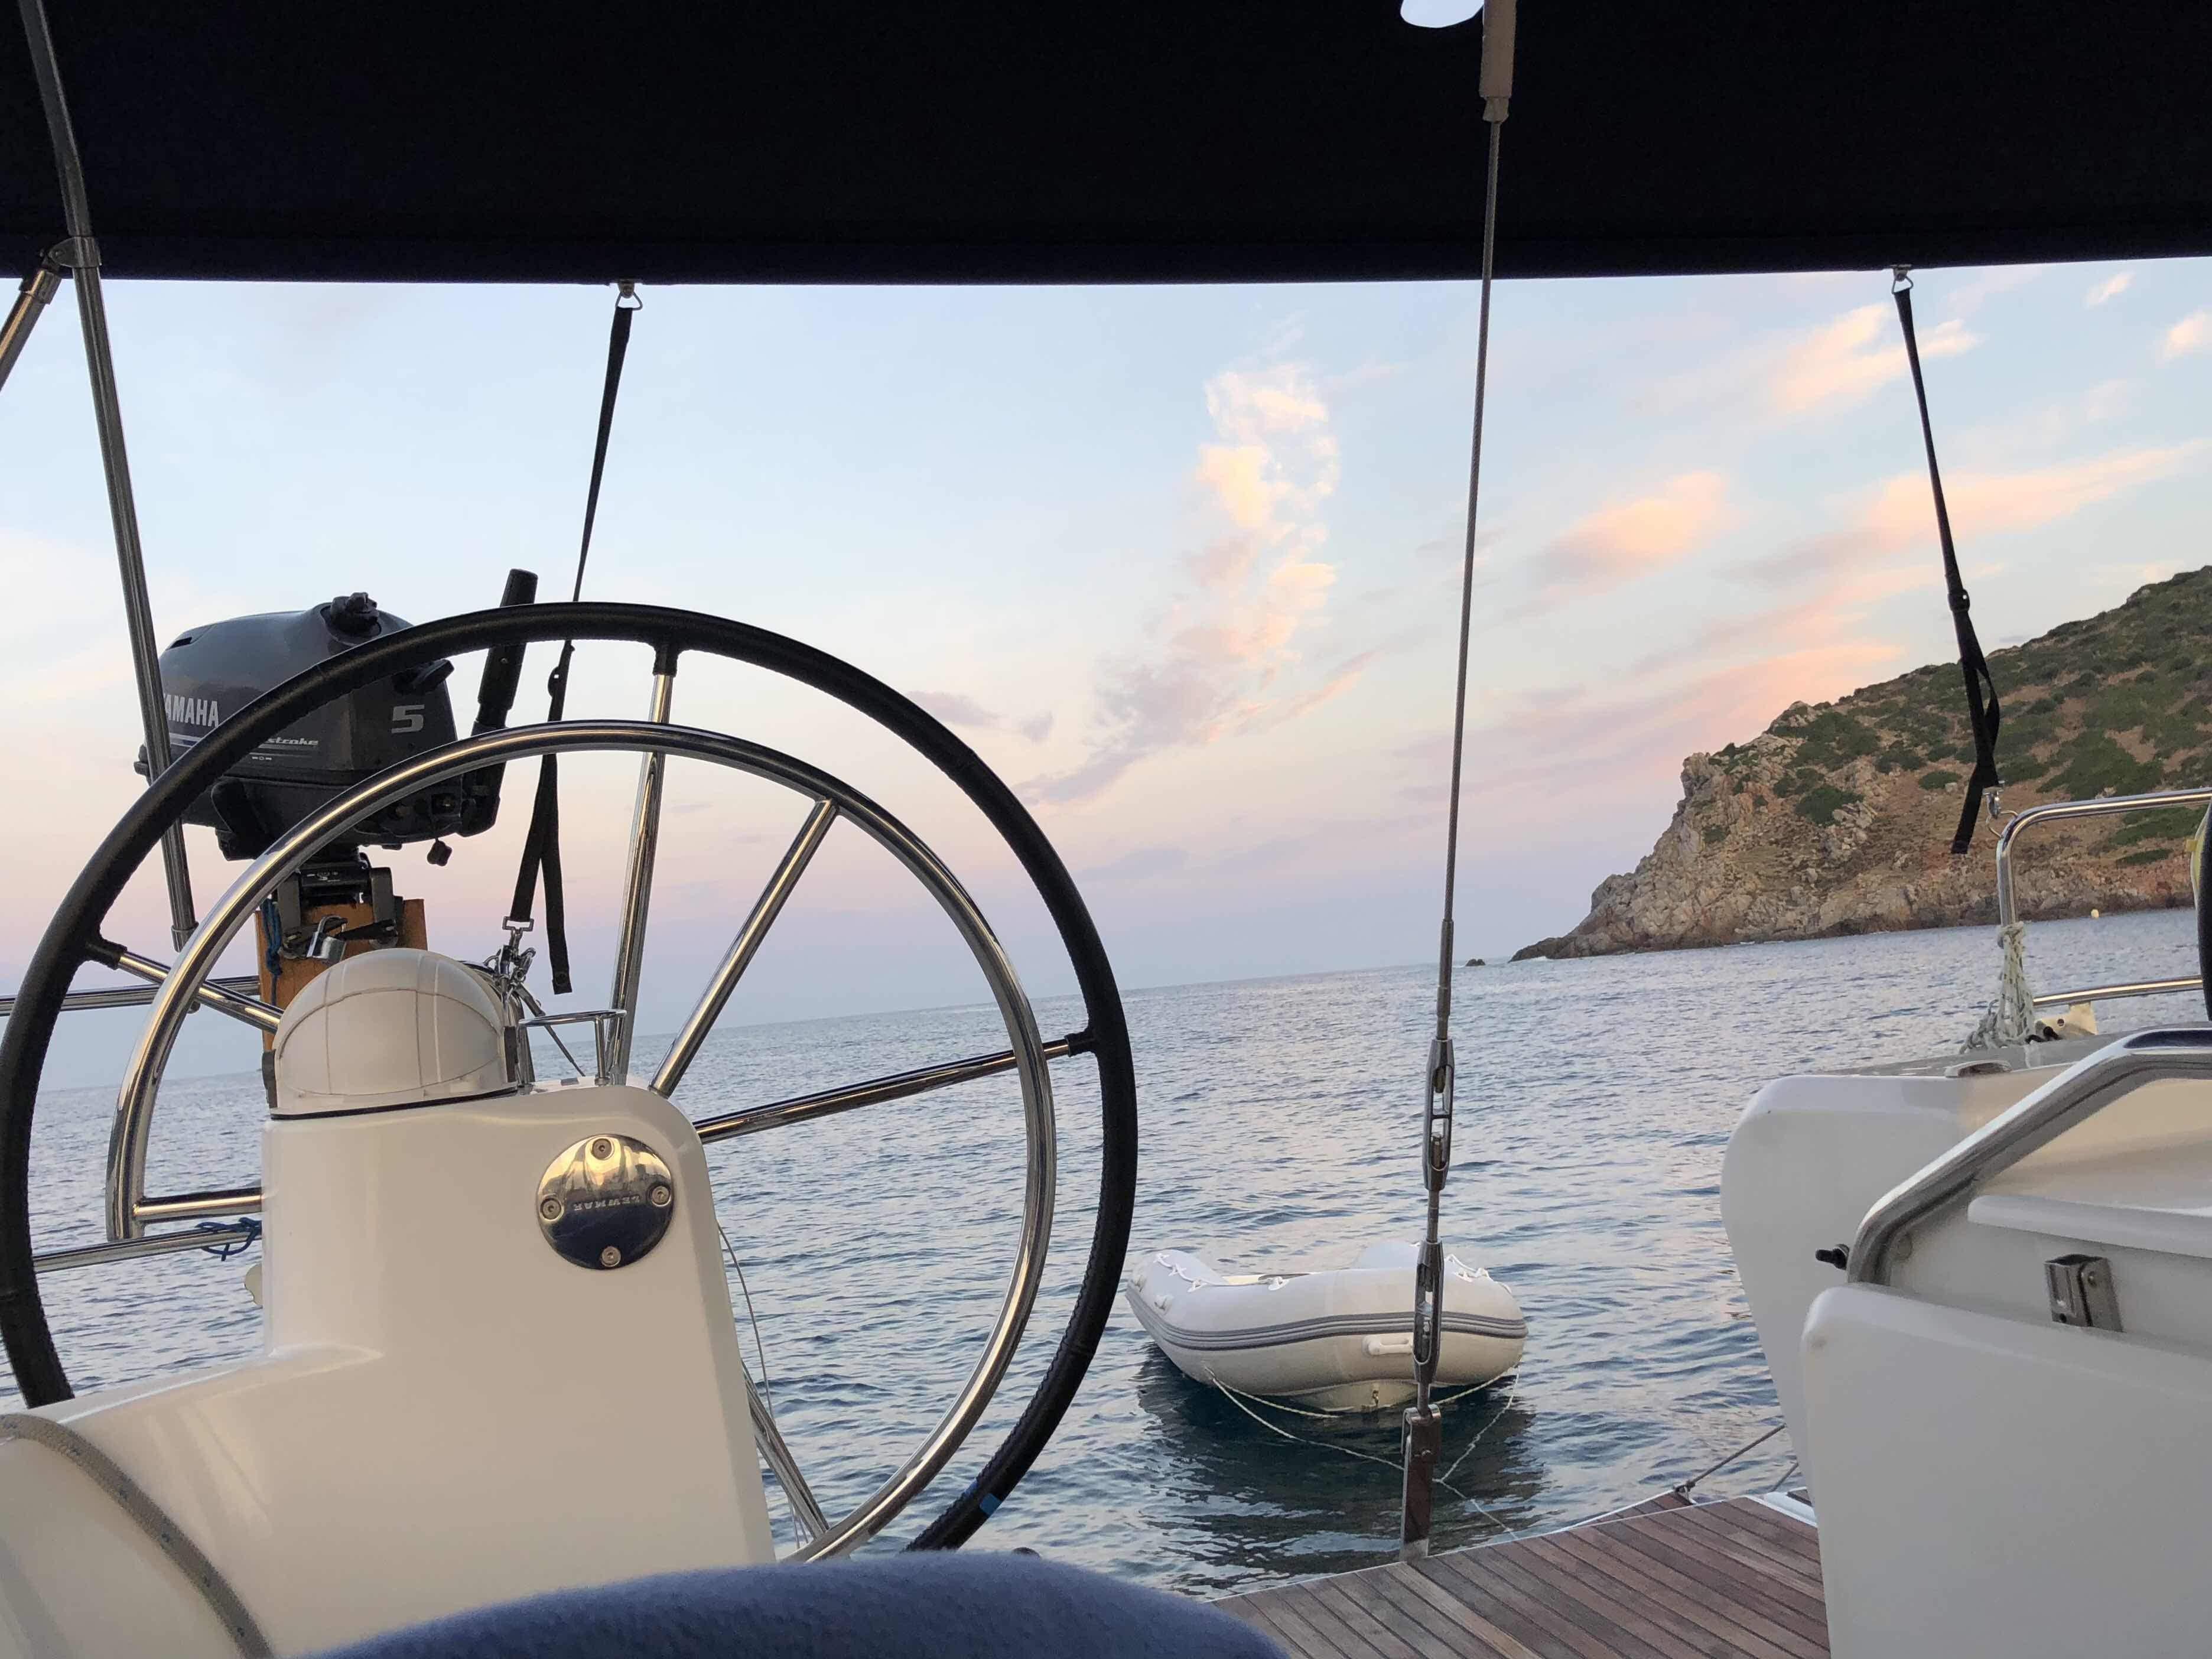 Démarrage sur ajaccio - corsica trip